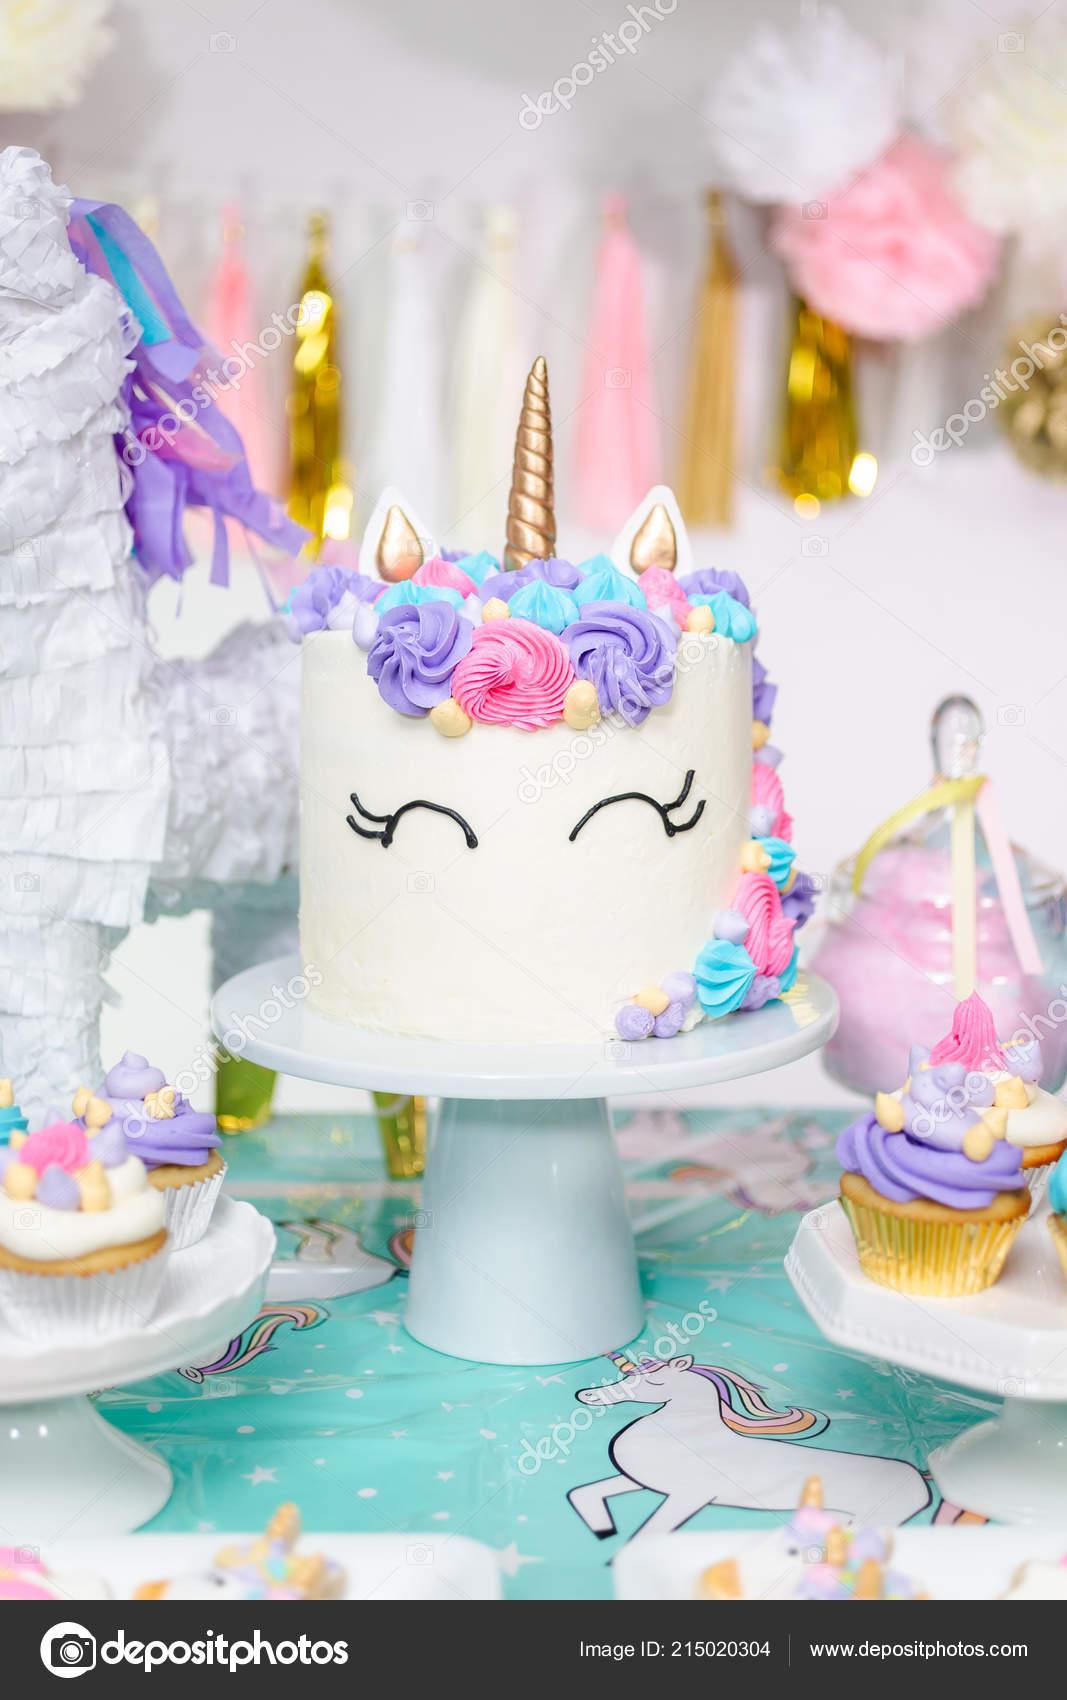 Kleinen Madchen Geburtstag Party Tisch Mit Einhorn Kuchen Muffins